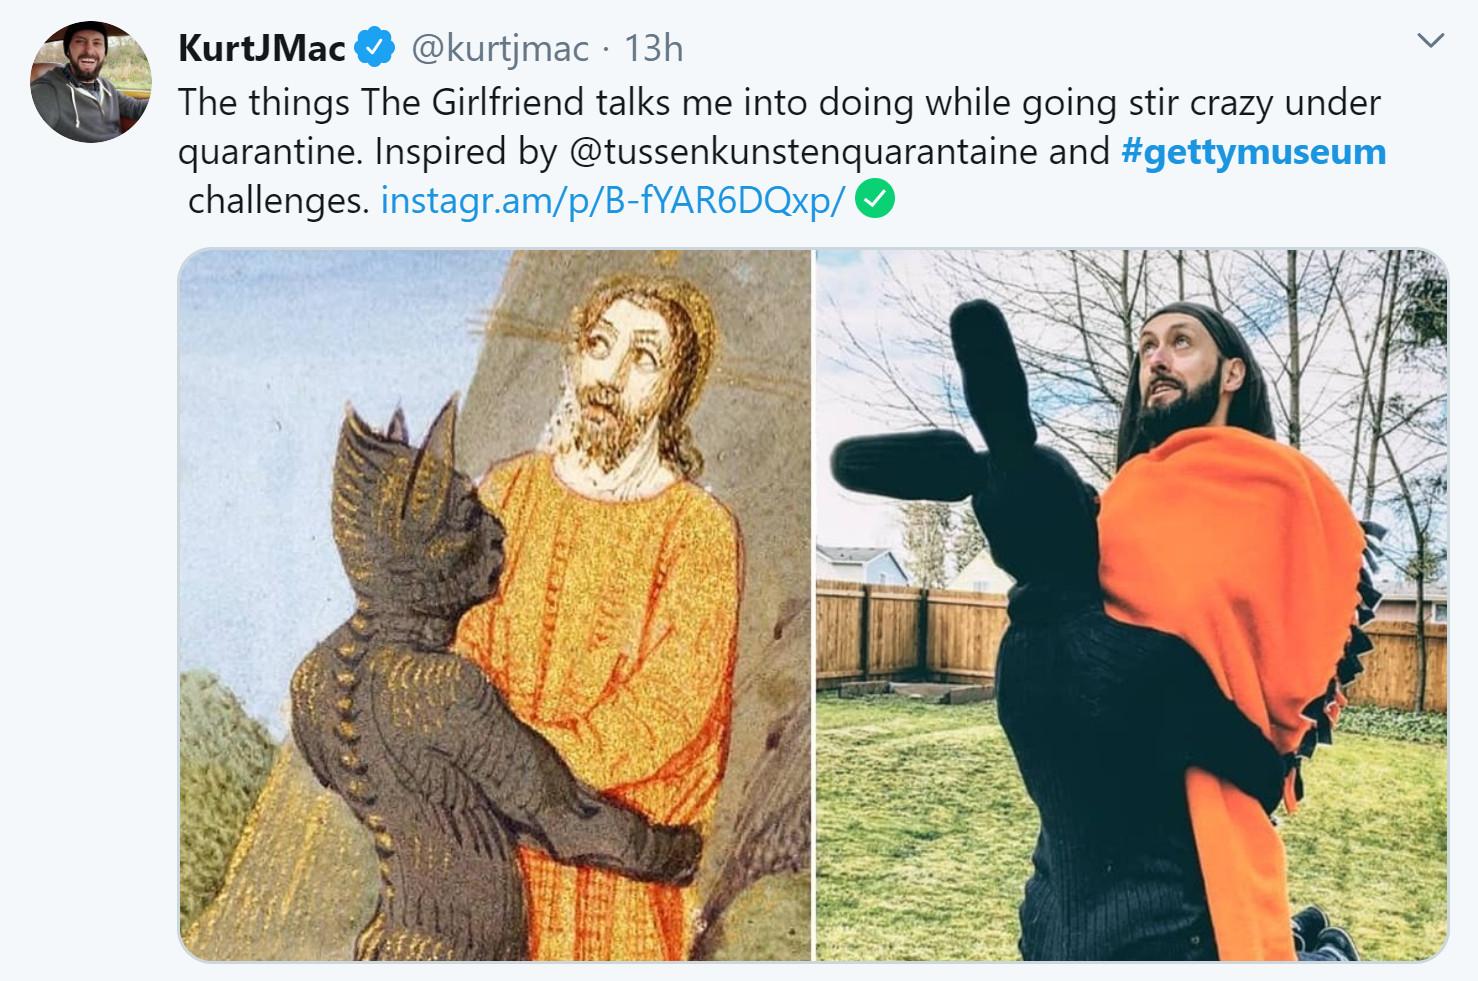 Getty Museum challenge Kurt